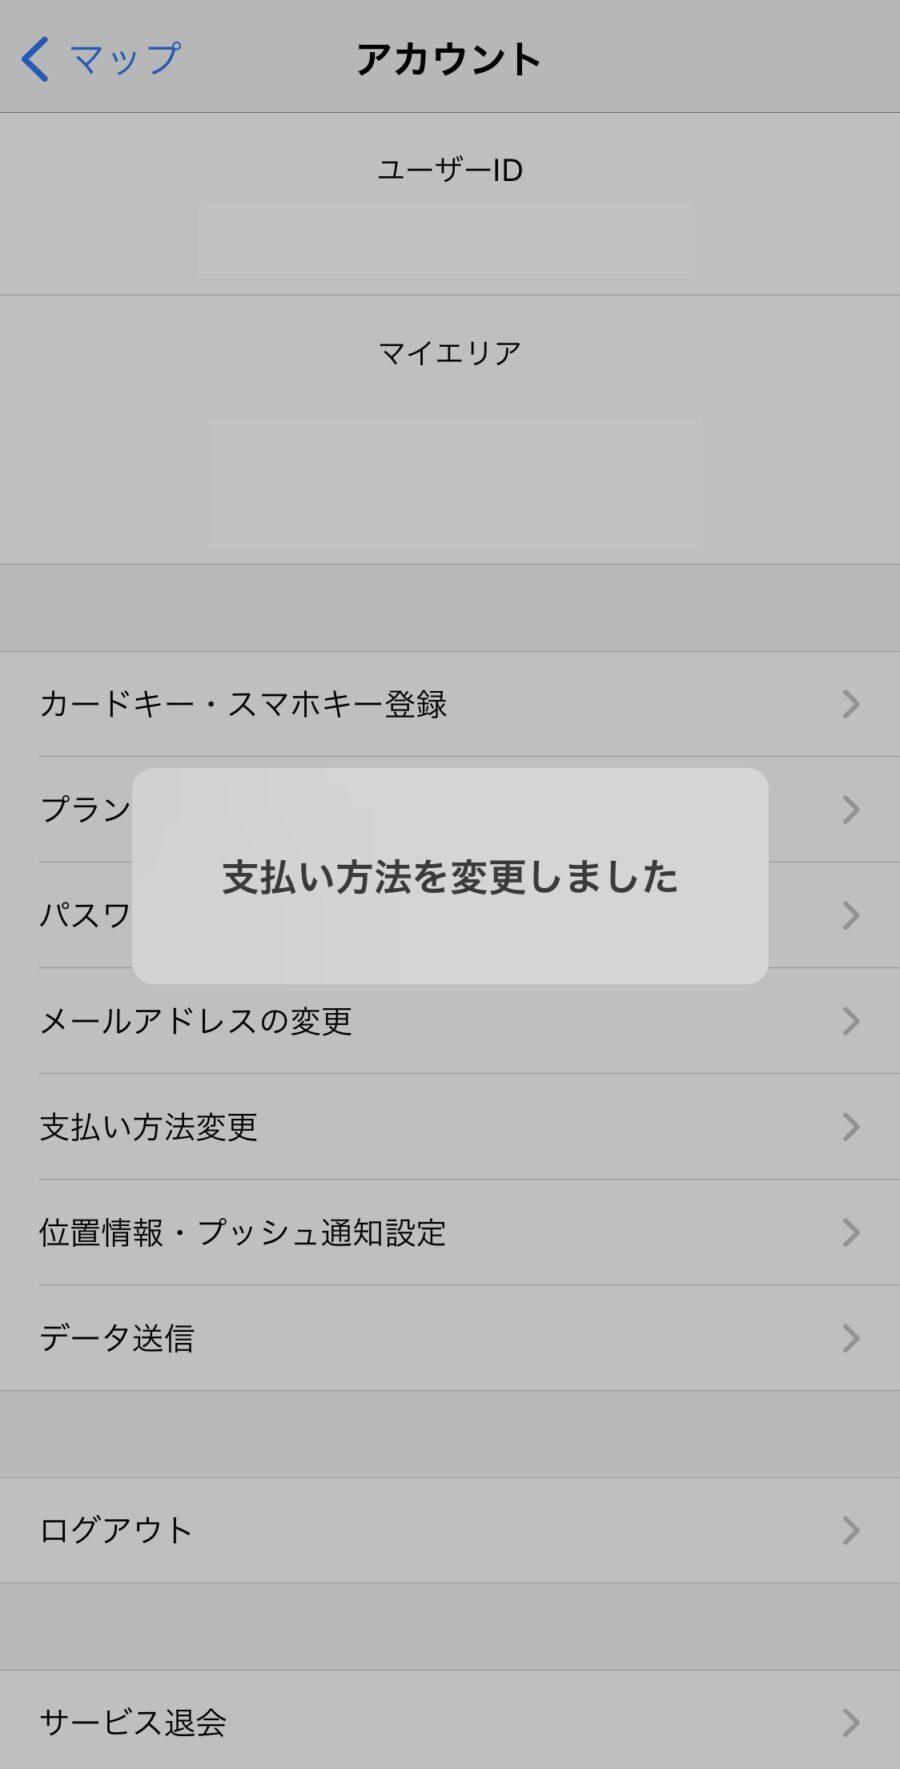 ドコモ・バイクシェア(ドコモチャリ)のクレジットカード変更方法6